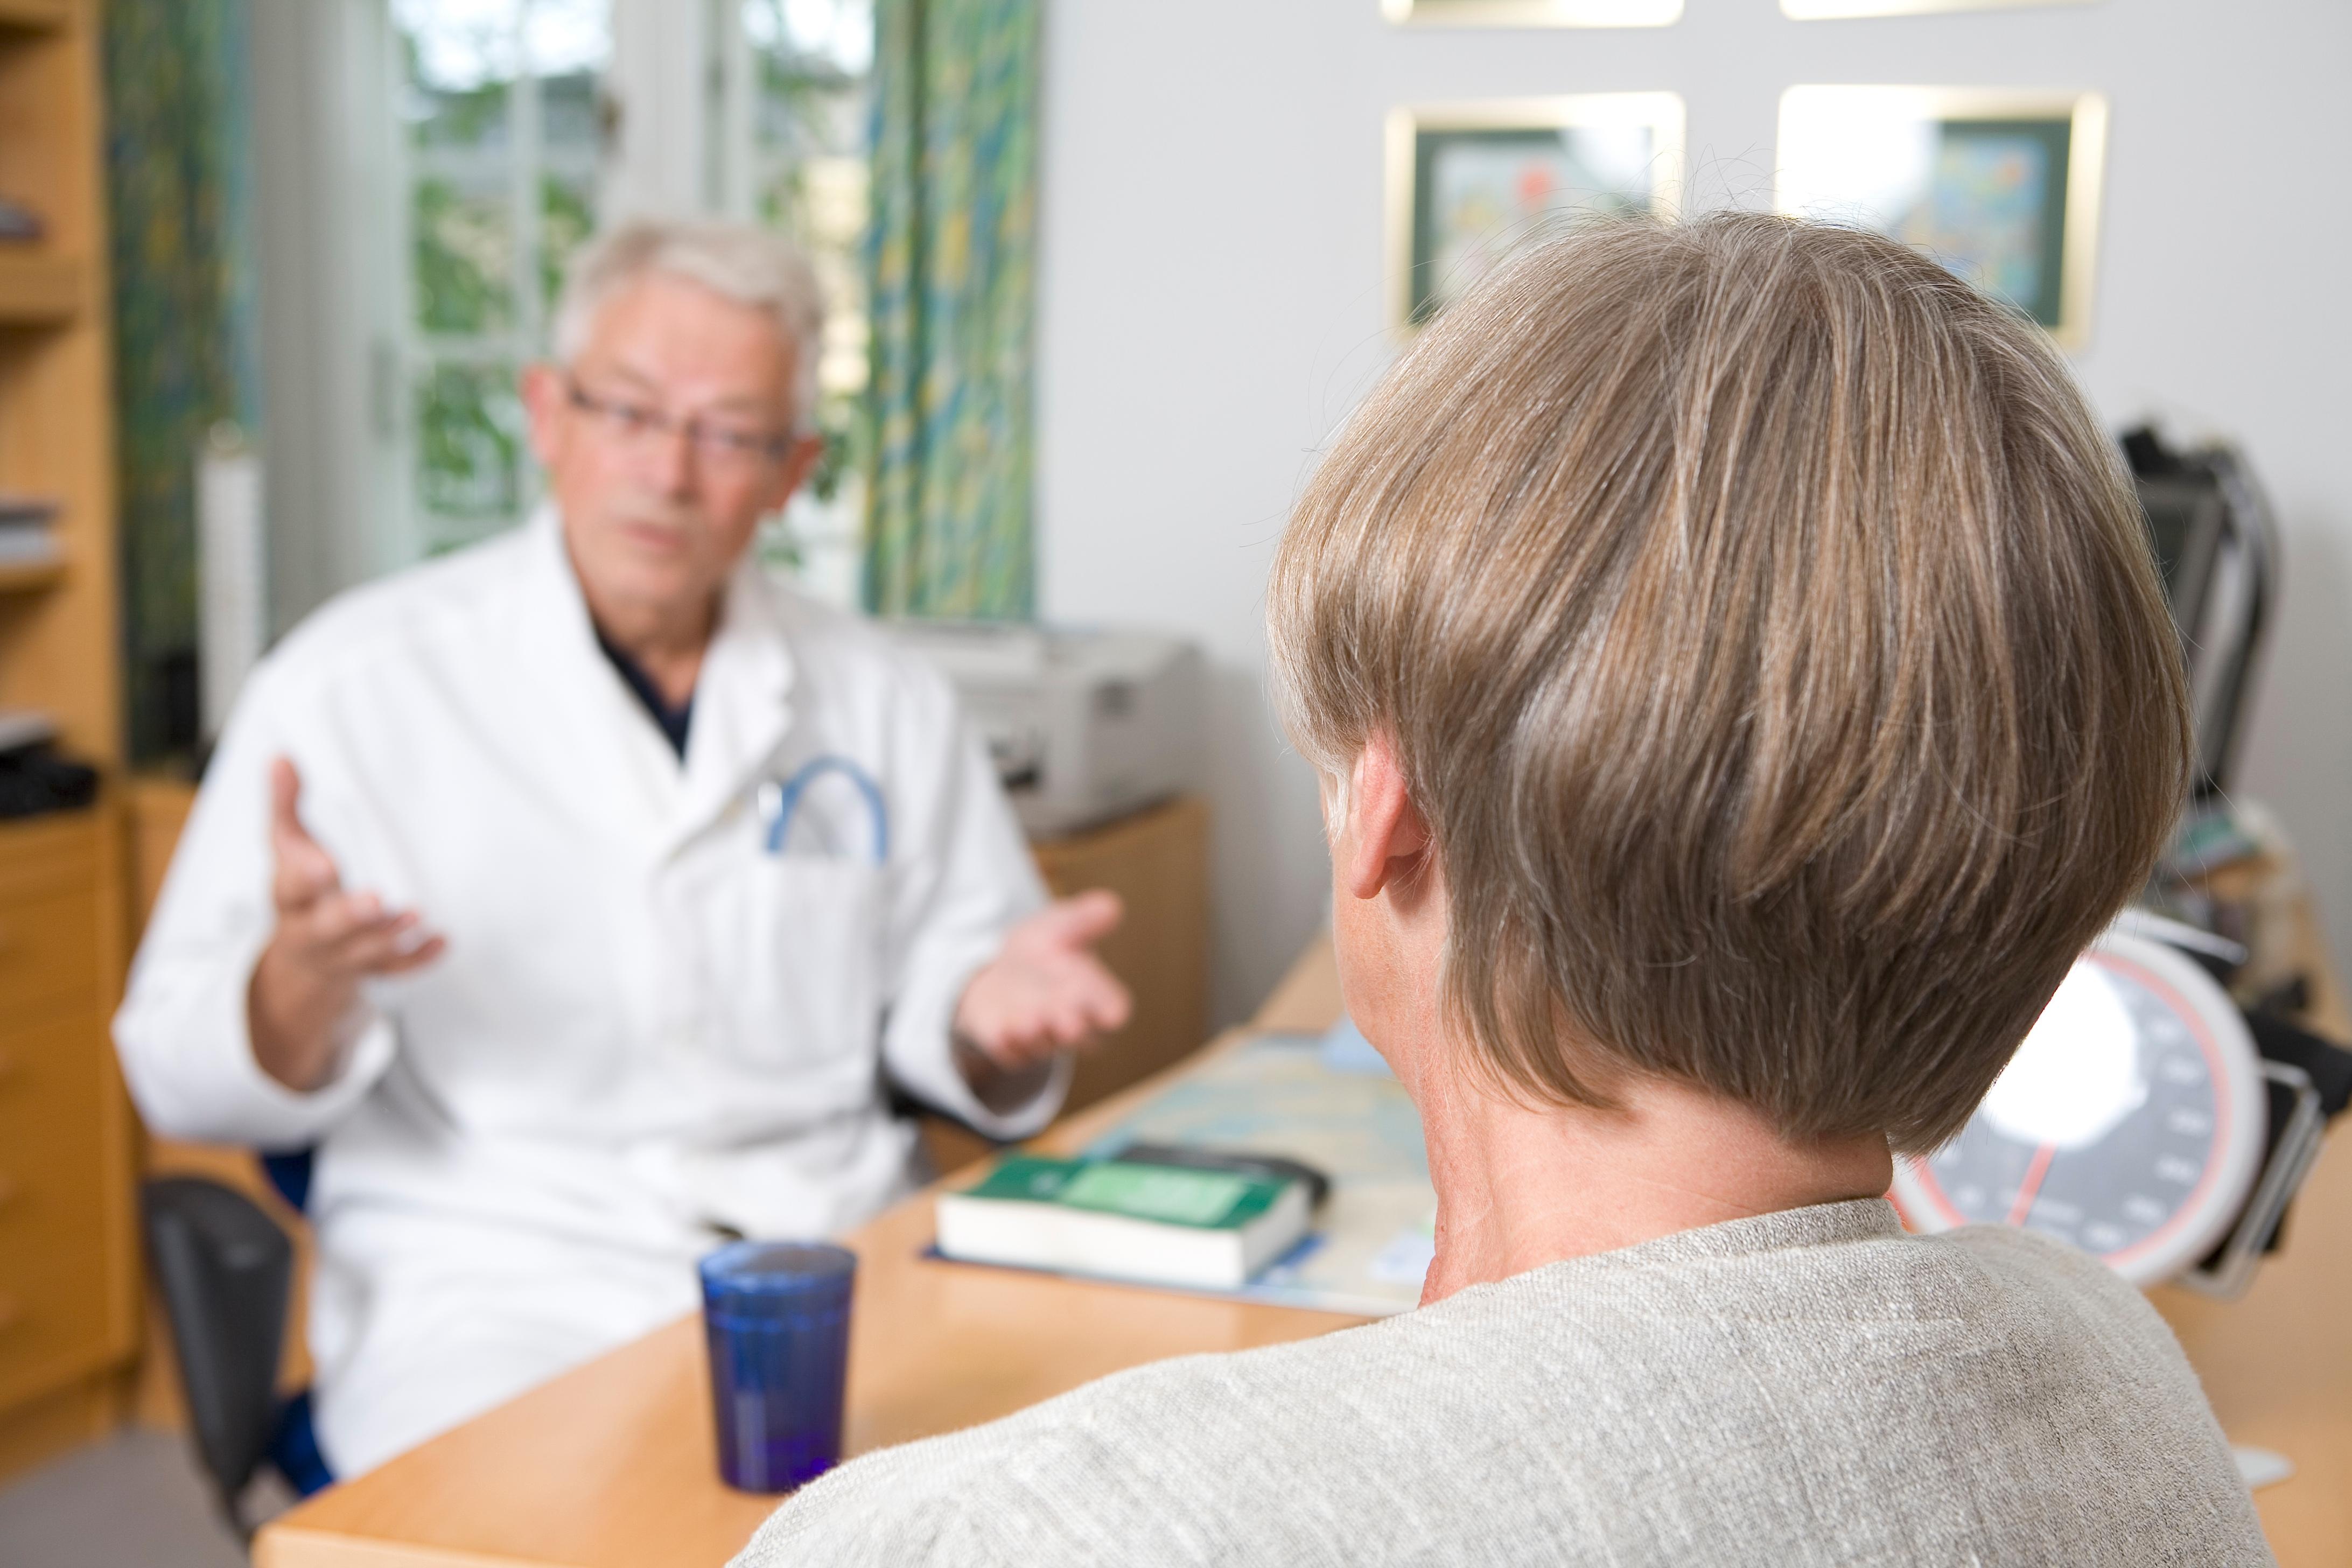 skal lægerne danse patienter wwe randy orton dating jojo